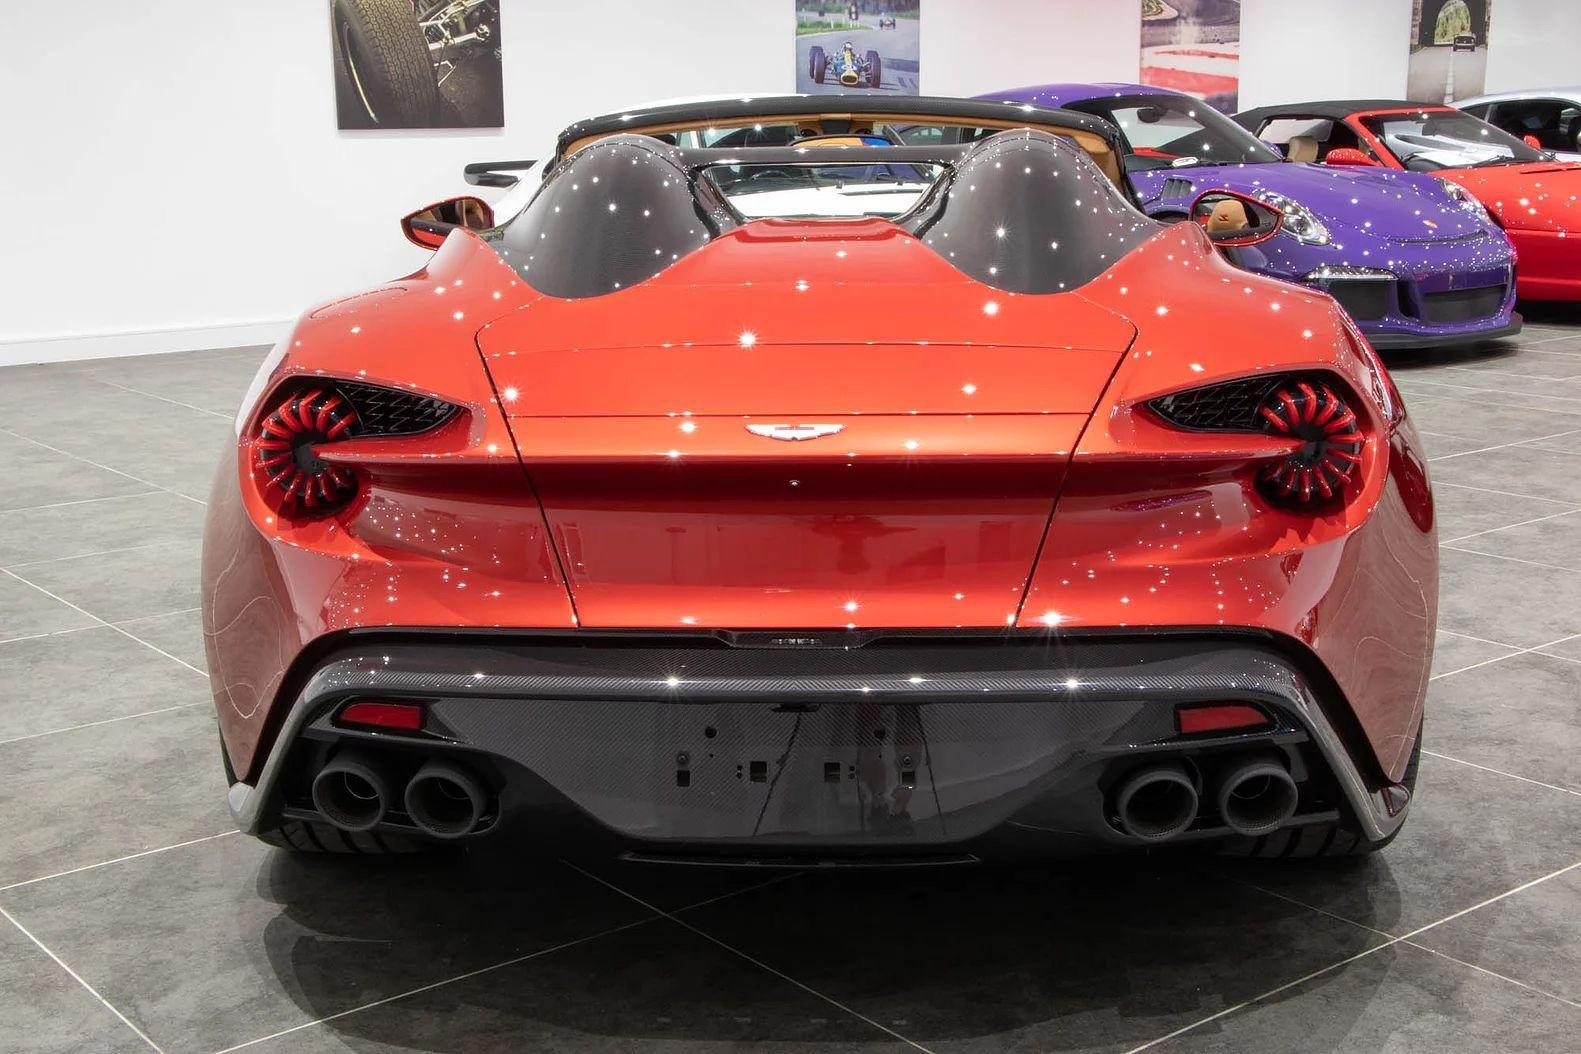 Aston_Martin_Vanquish_Speedster_sale-0003